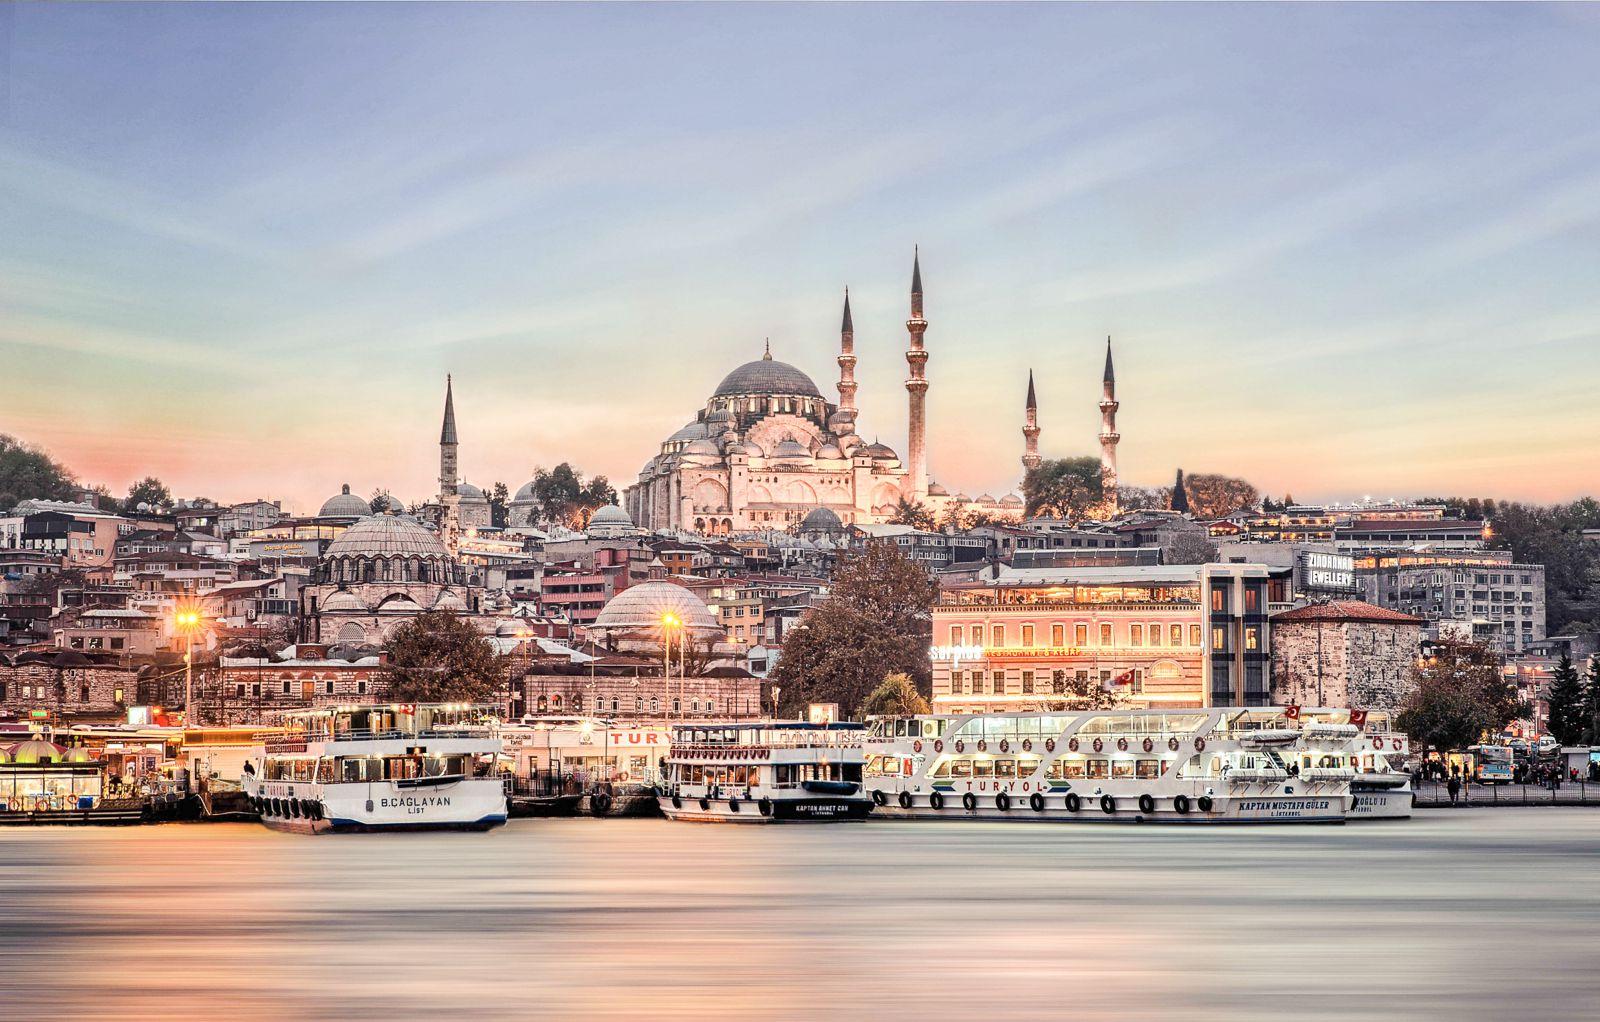 استانبول هفتمین شهر بزرگ اروپایی